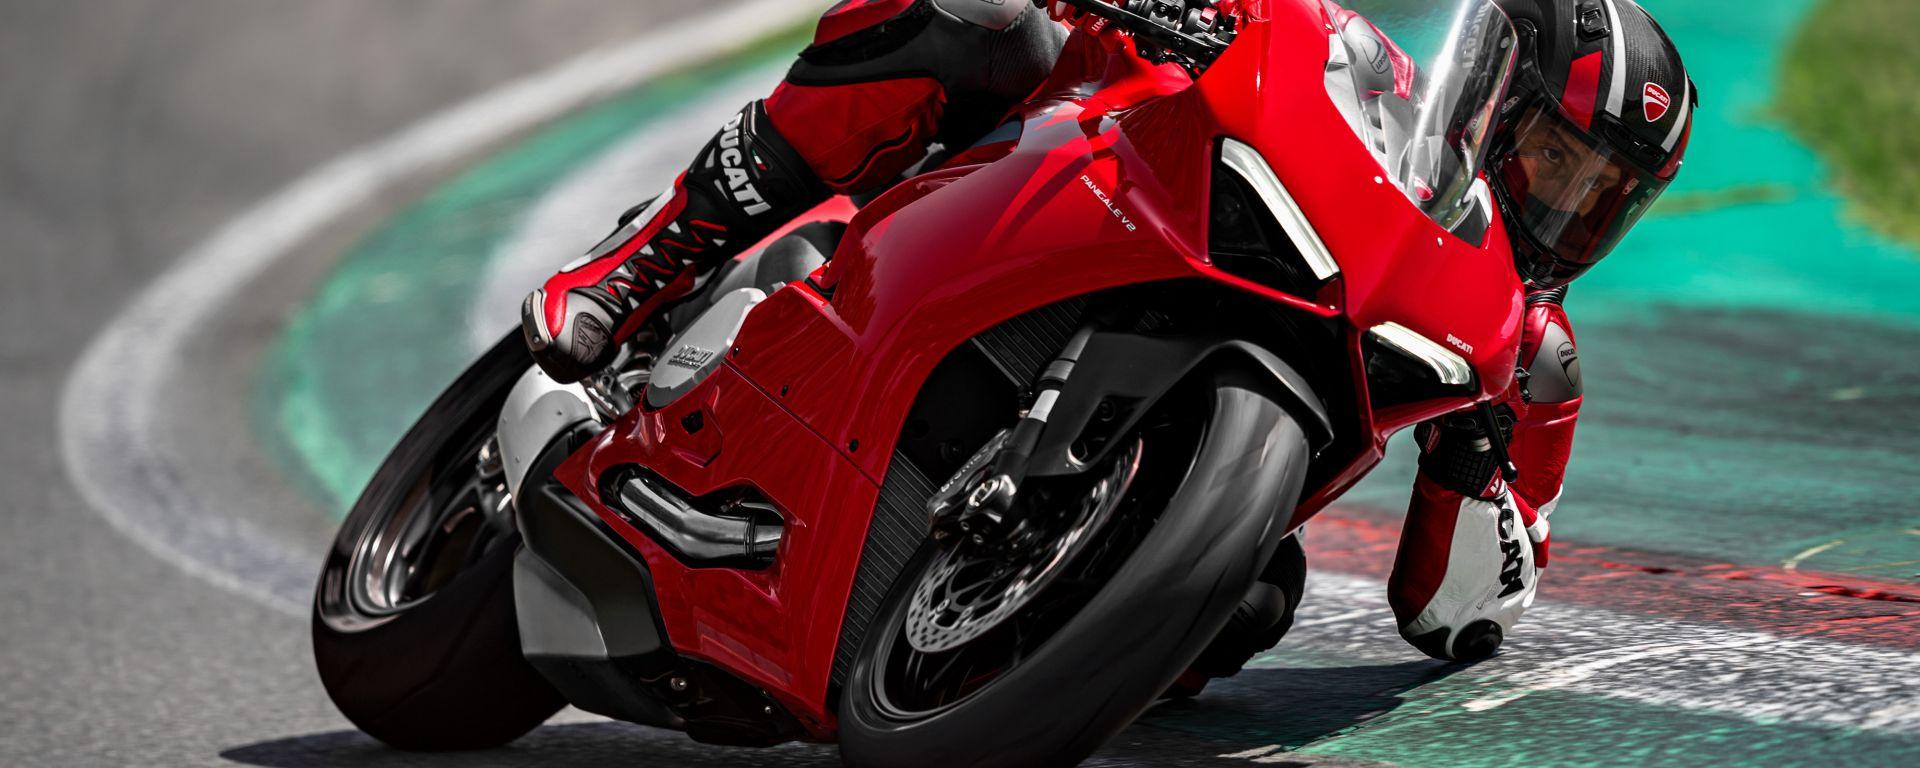 Ducati Panigale V2: la media che tutti vorremmo. Il video